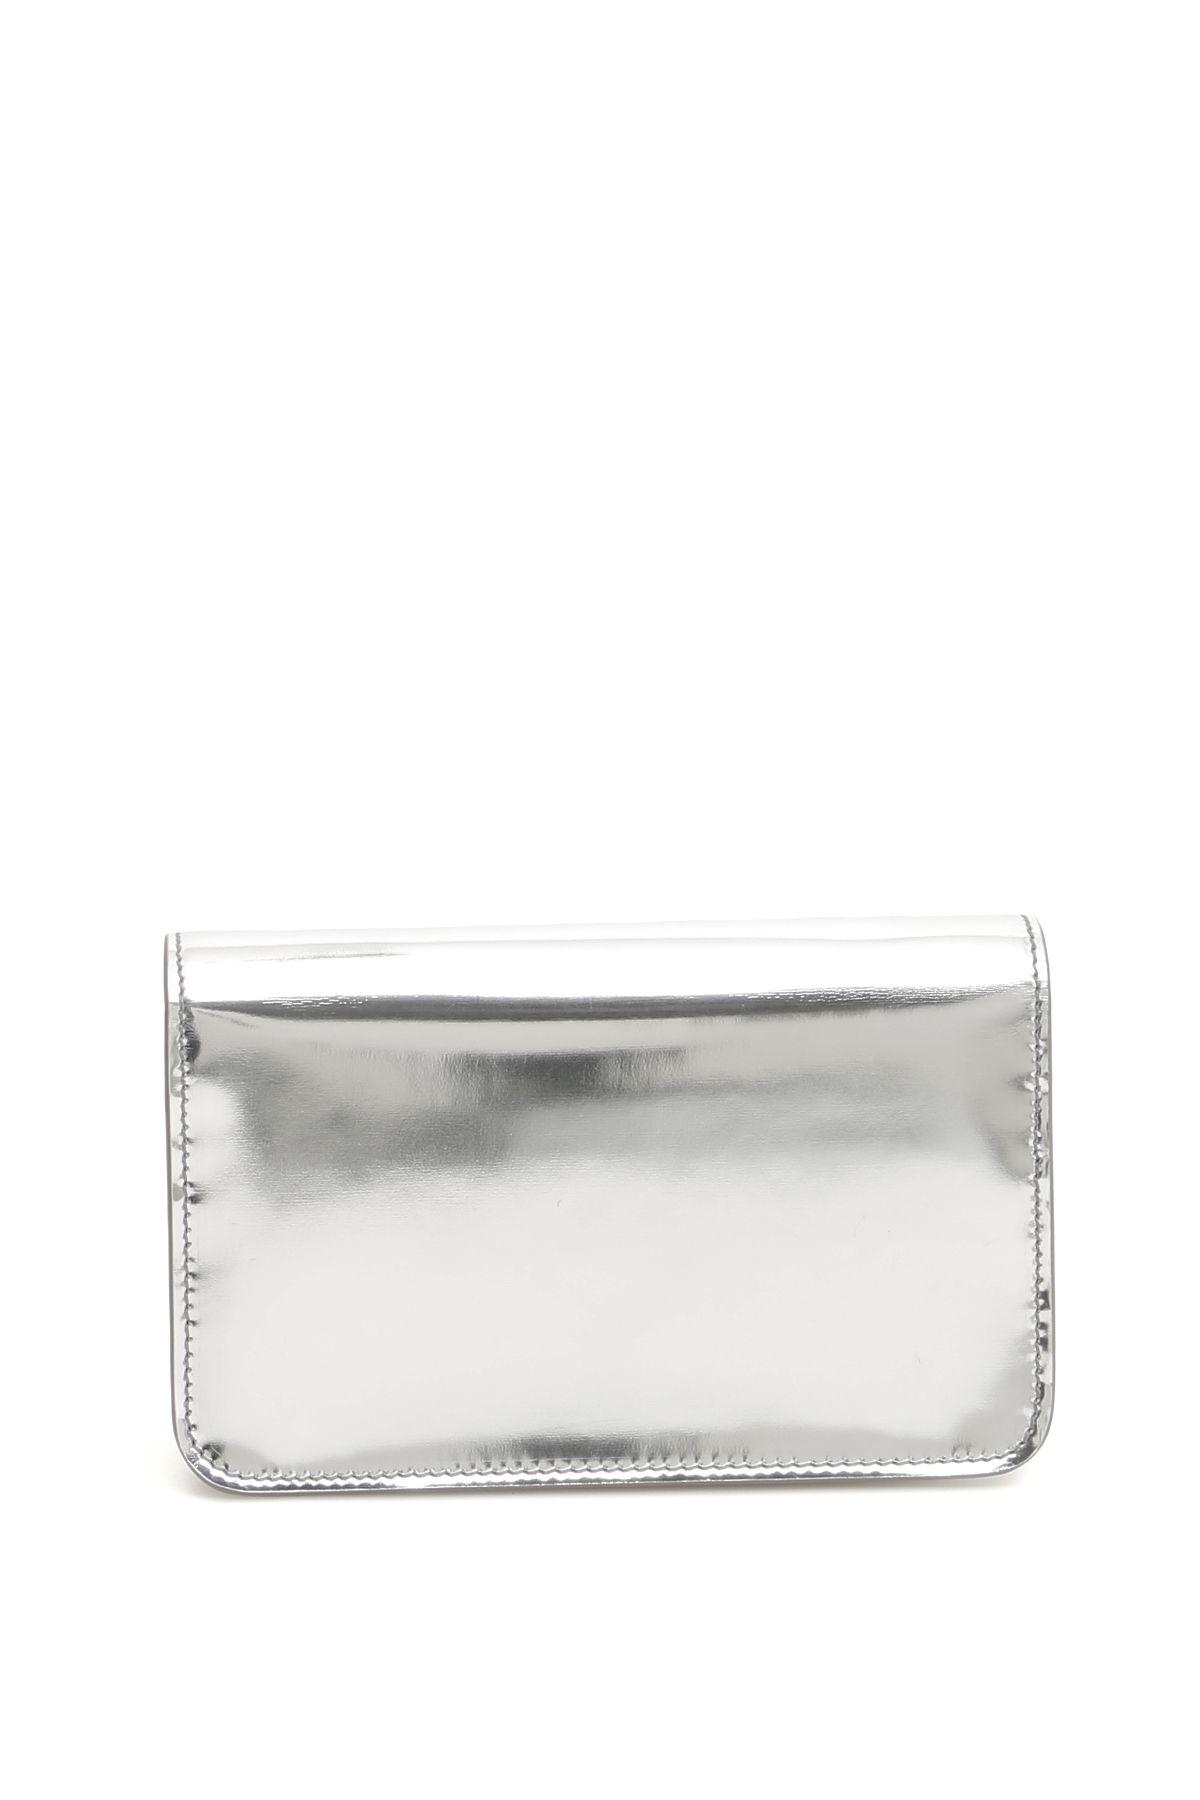 38e36d0fa96 Calvin Klein Calvin Klein Mini Crossbody Bag - SILVER (Metallic ...